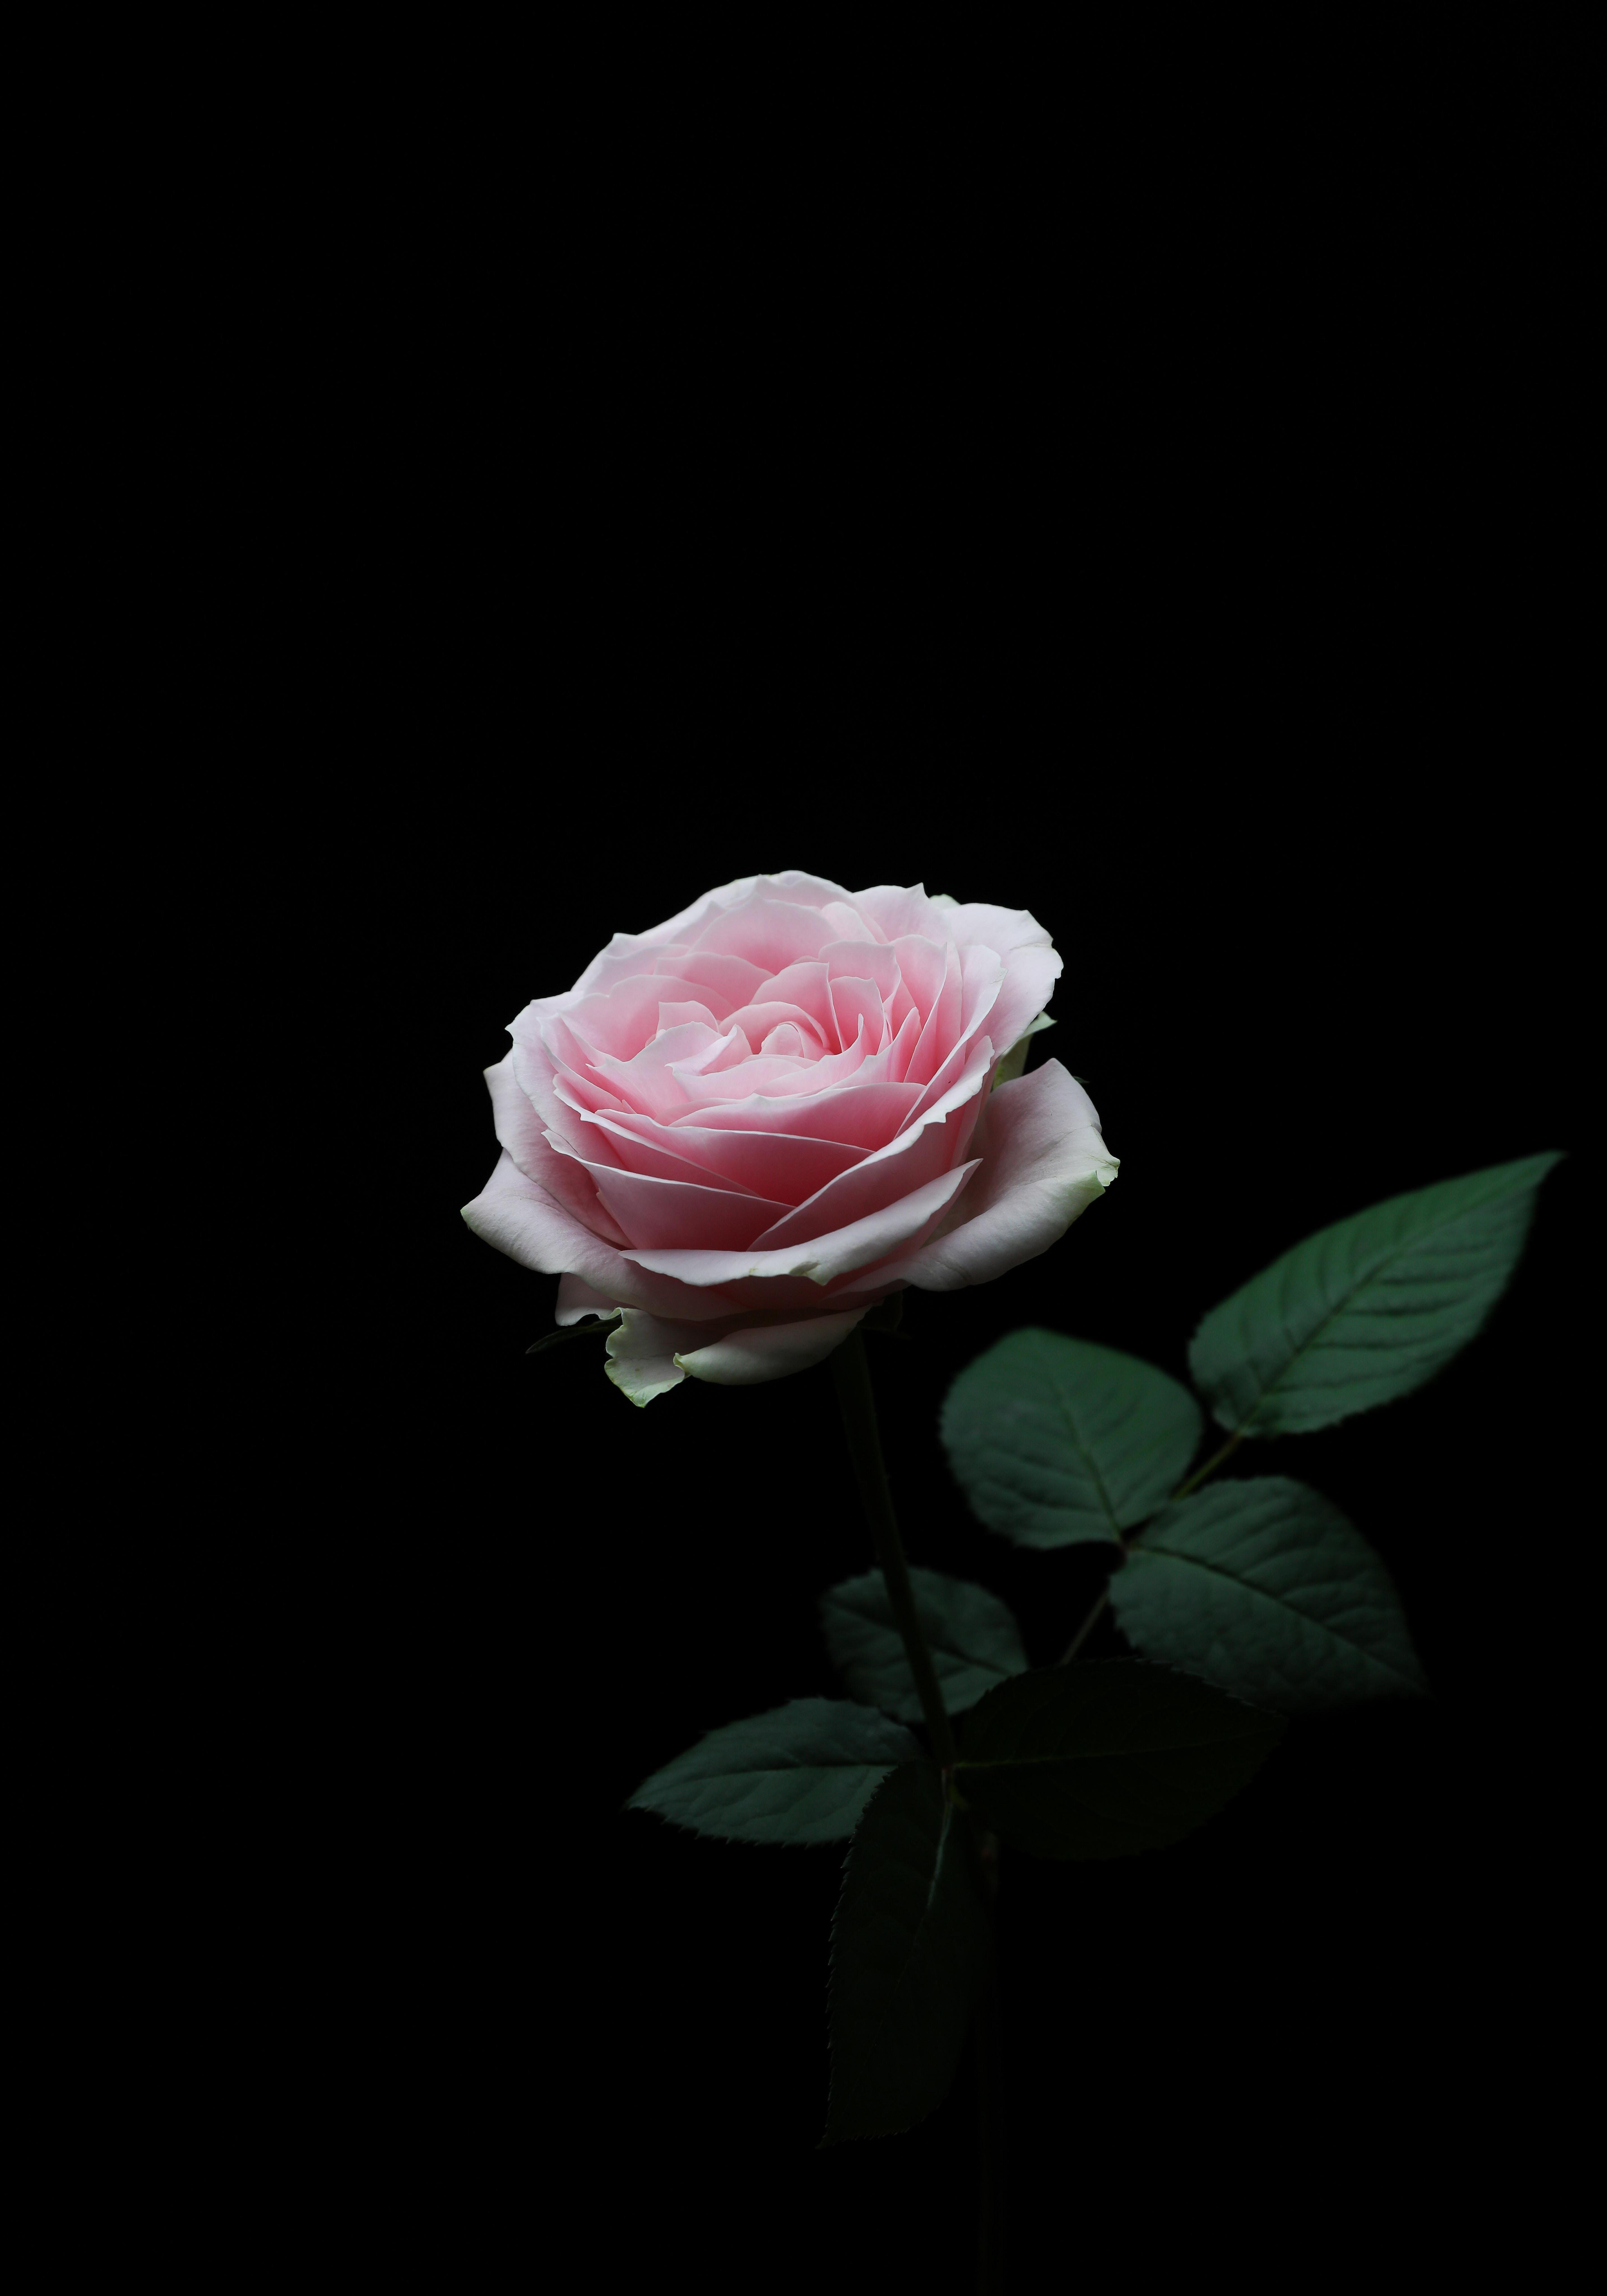 136562 скачать обои Цветы, Цветок, Роза, Лепестки, Бутон, Розовый - заставки и картинки бесплатно